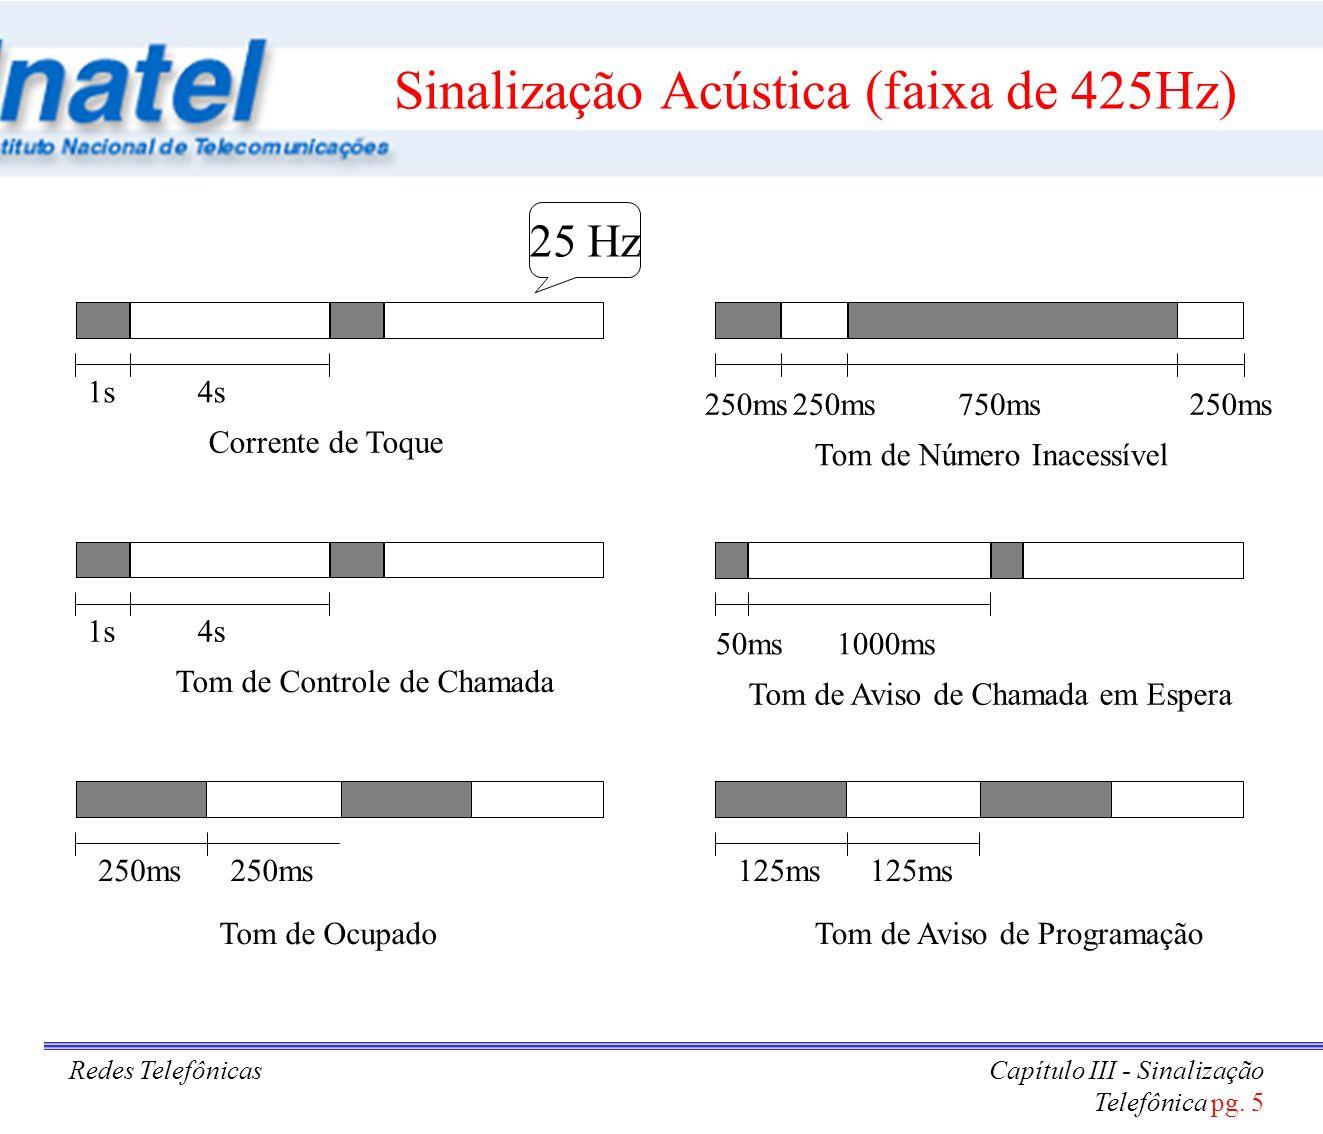 Sinalização Acústica (faixa de 425Hz)